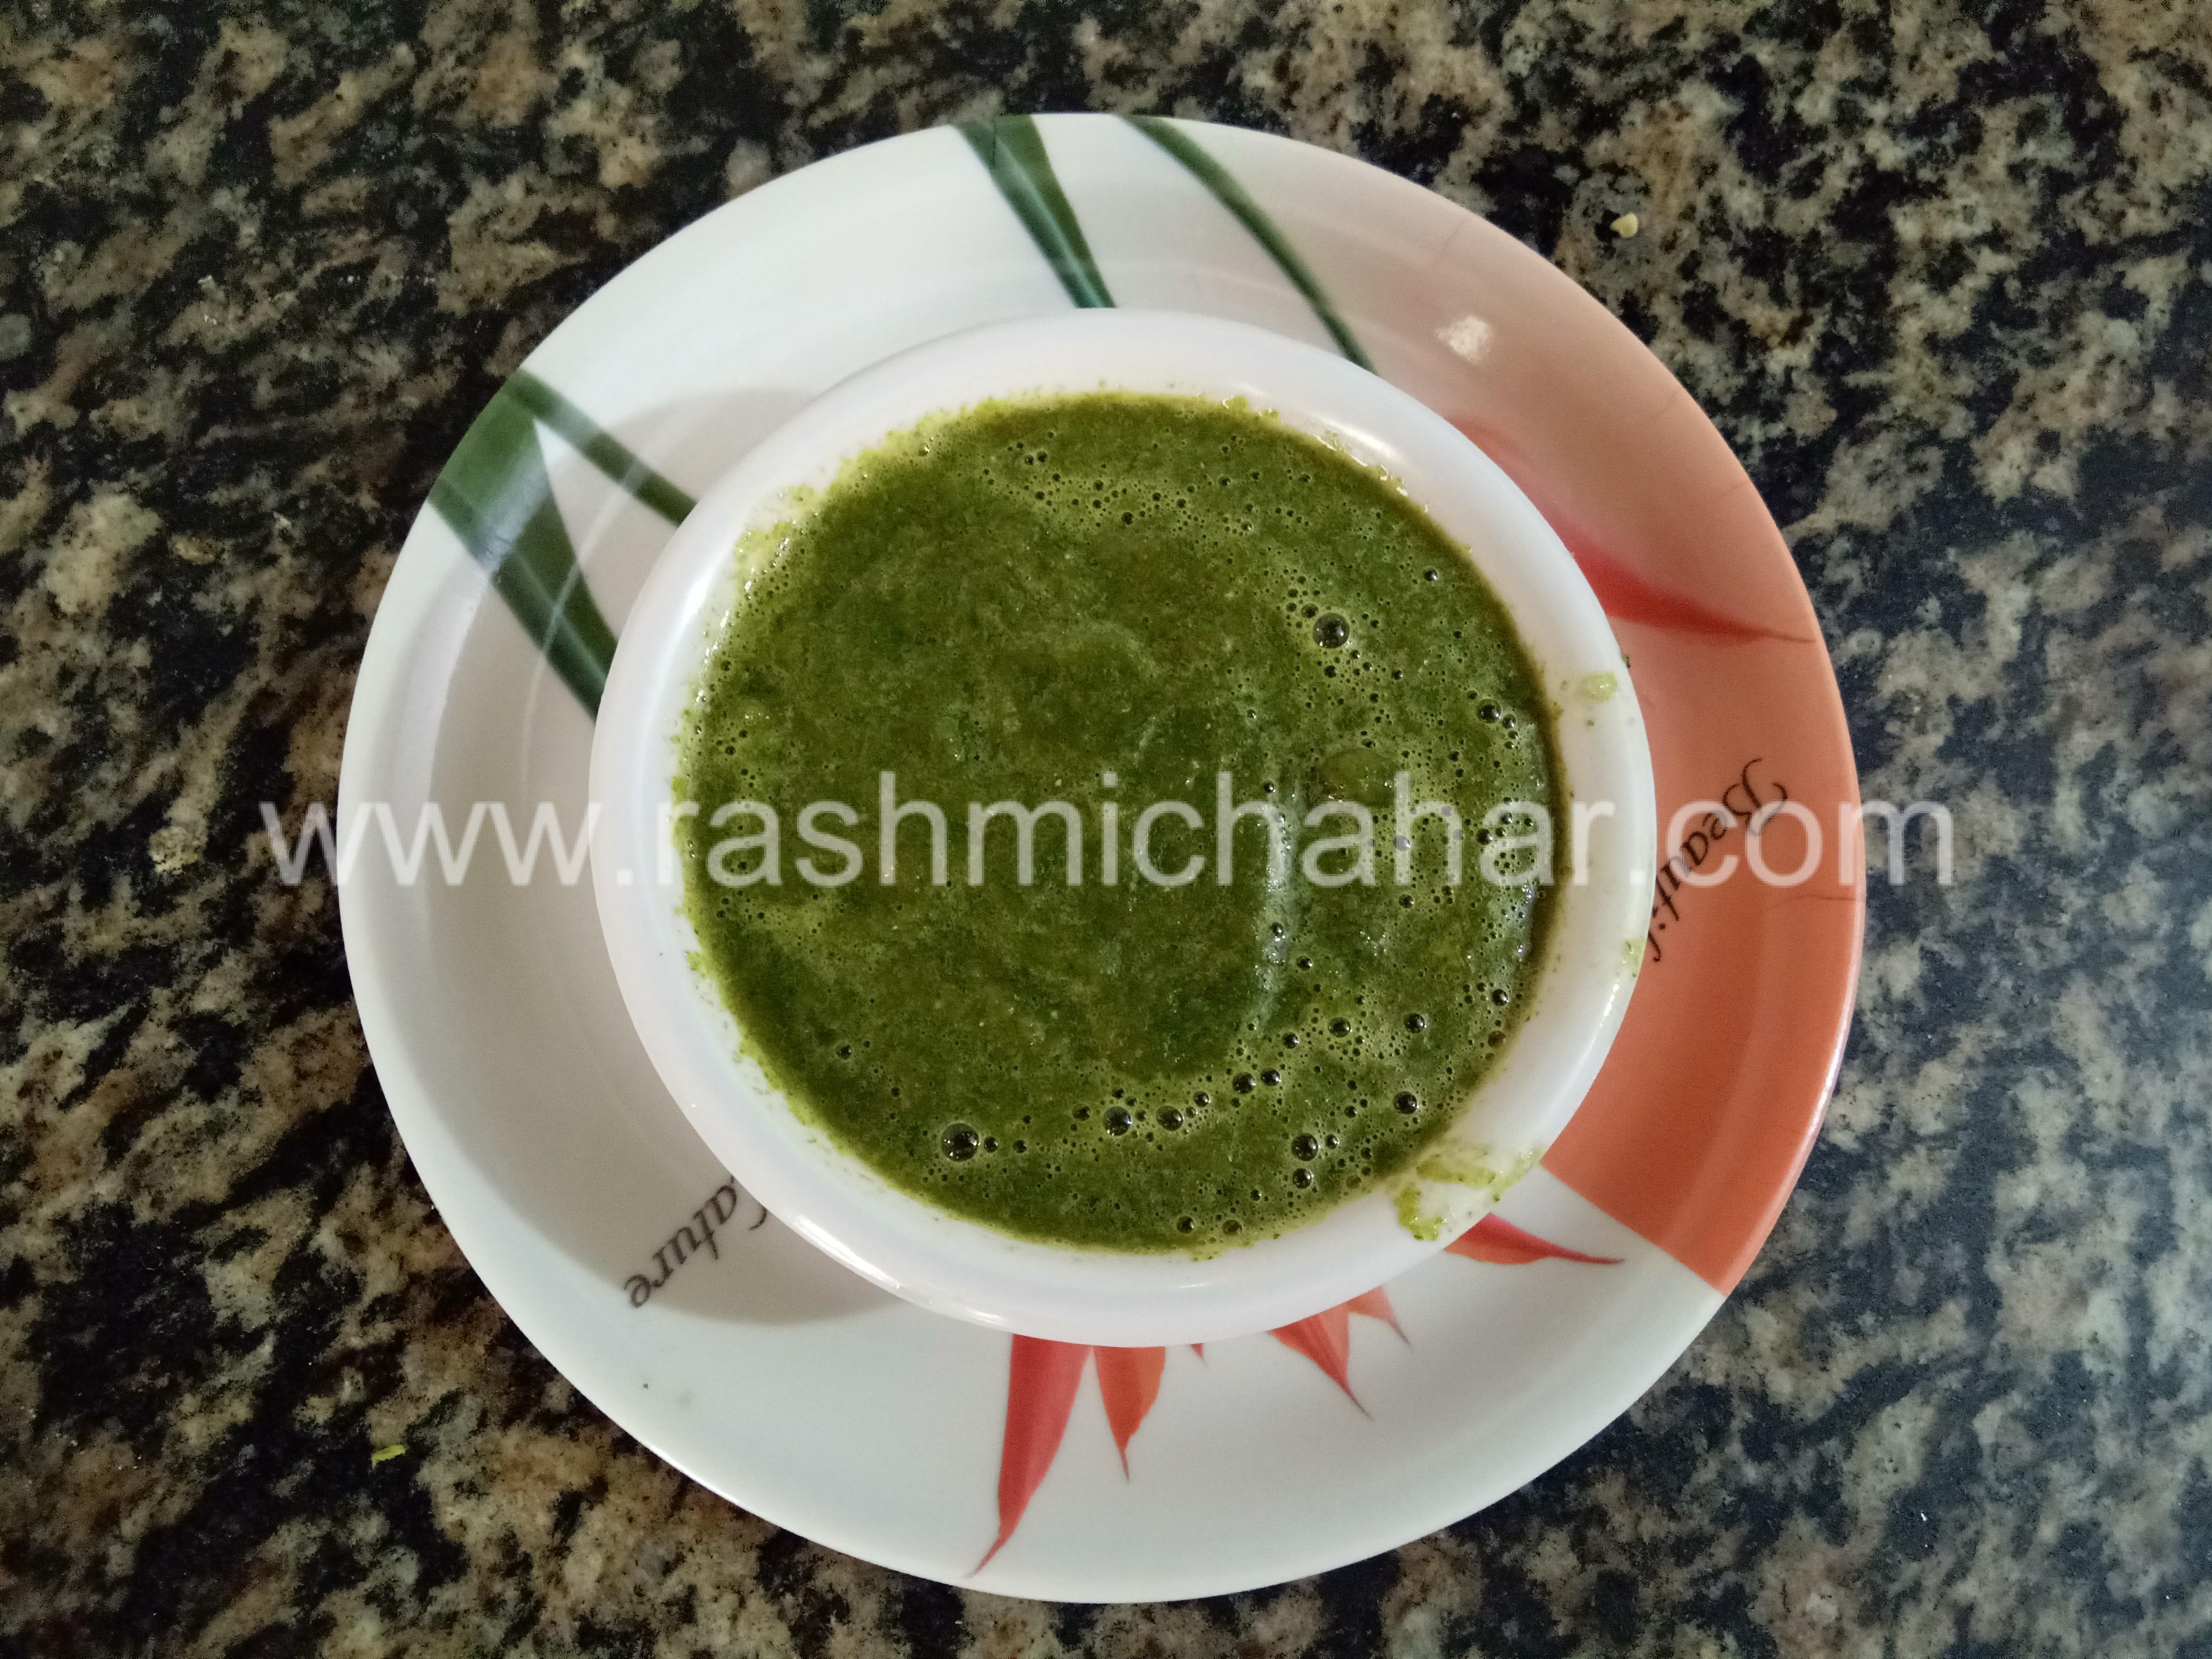 टमाटर हरा धनियां की चटनी बनाना | Tamatar hara dhaniya chutney | Tomato coriander chutney